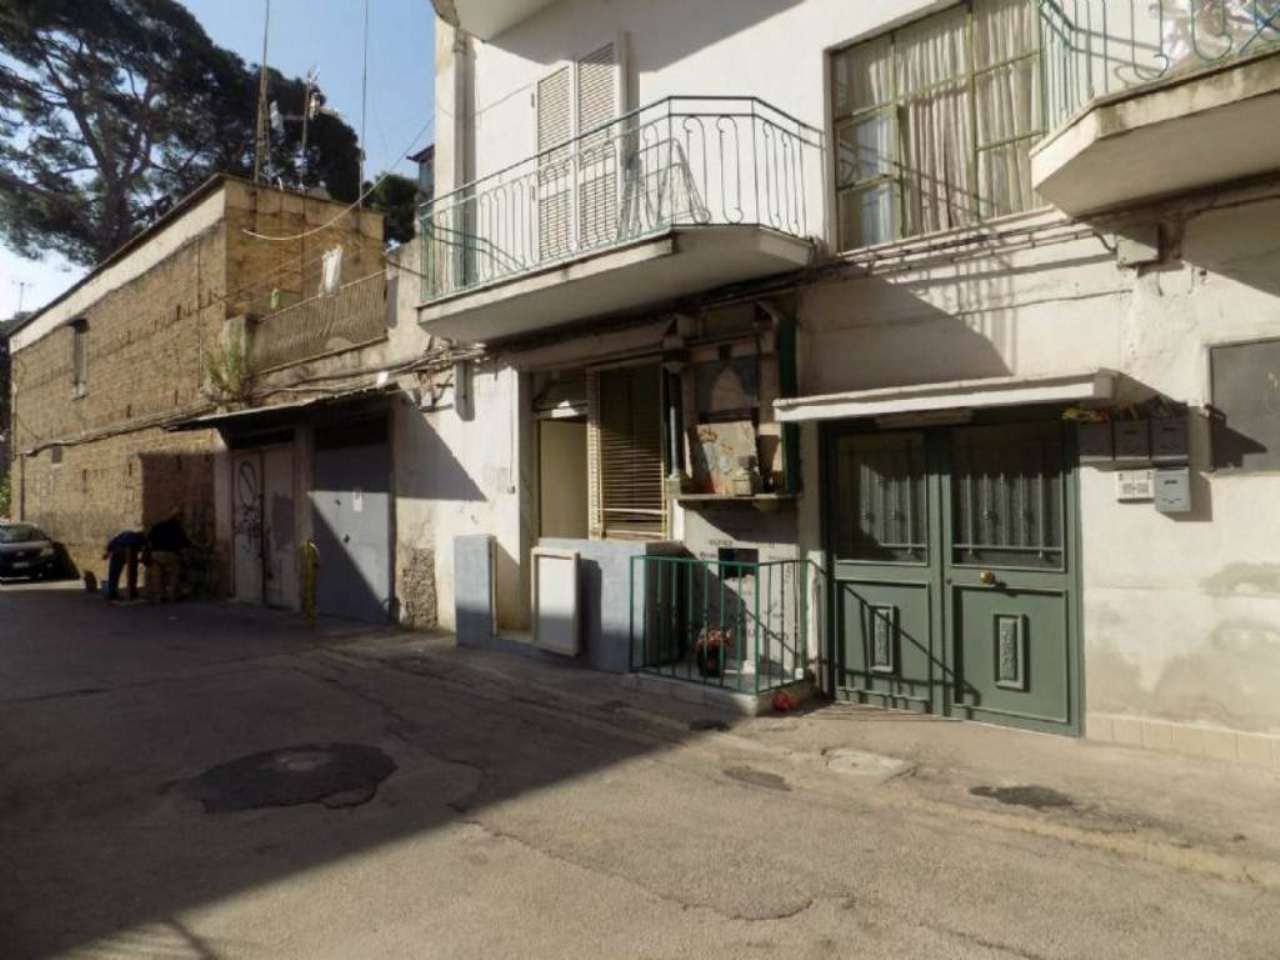 Appartamento in affitto a Napoli, 2 locali, zona Zona: 6 . Ponticelli, Barra, San Giovanni a Teduccio, prezzo € 250   Cambio Casa.it